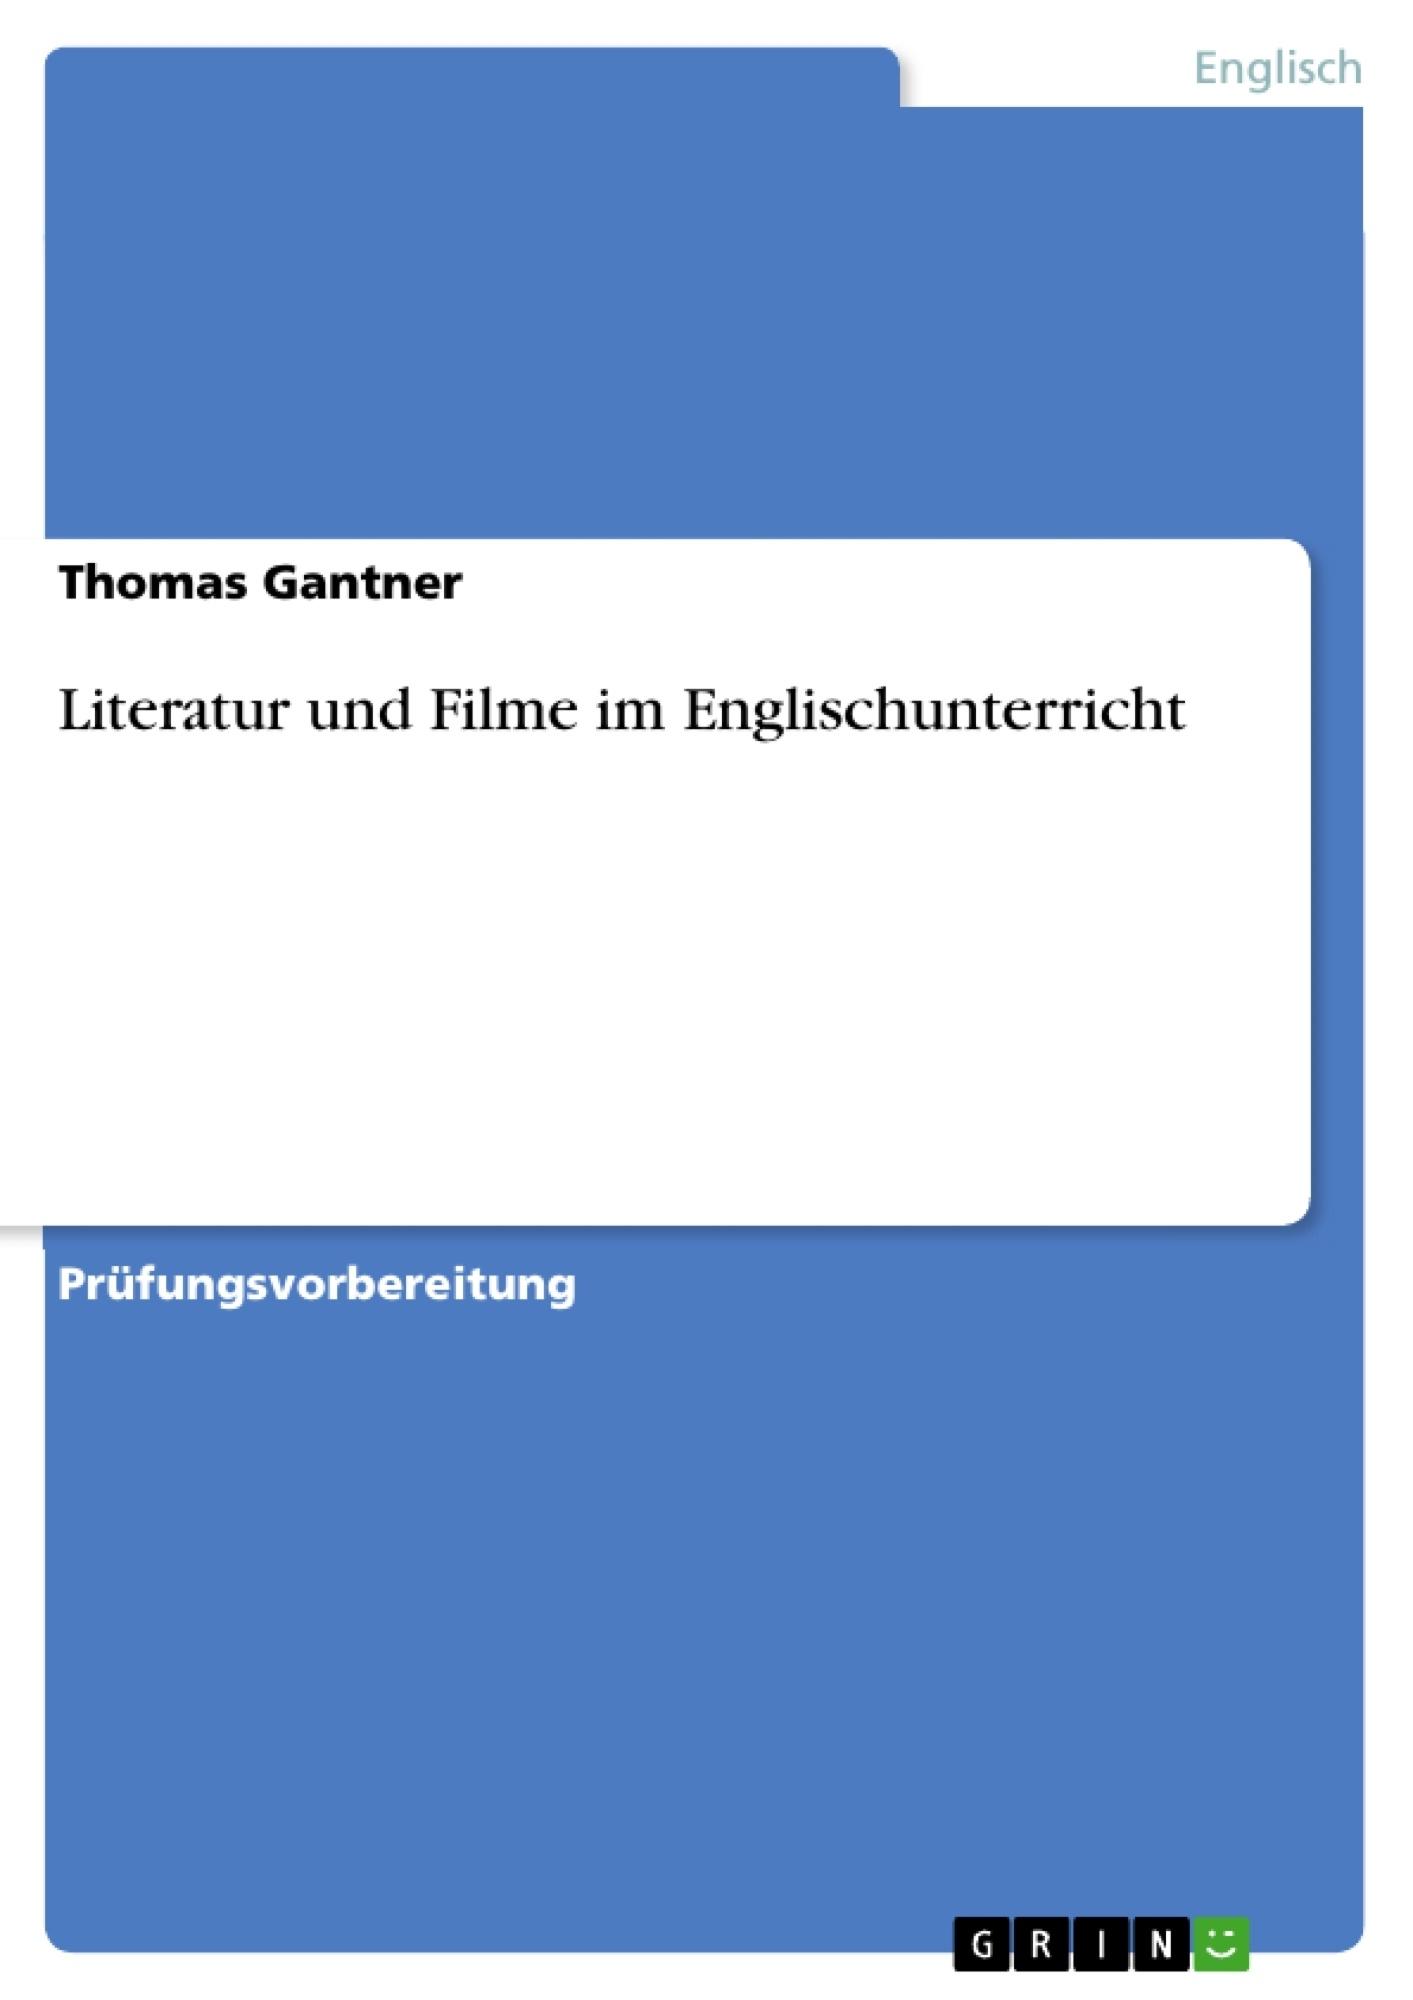 Titel: Literatur und Filme im Englischunterricht